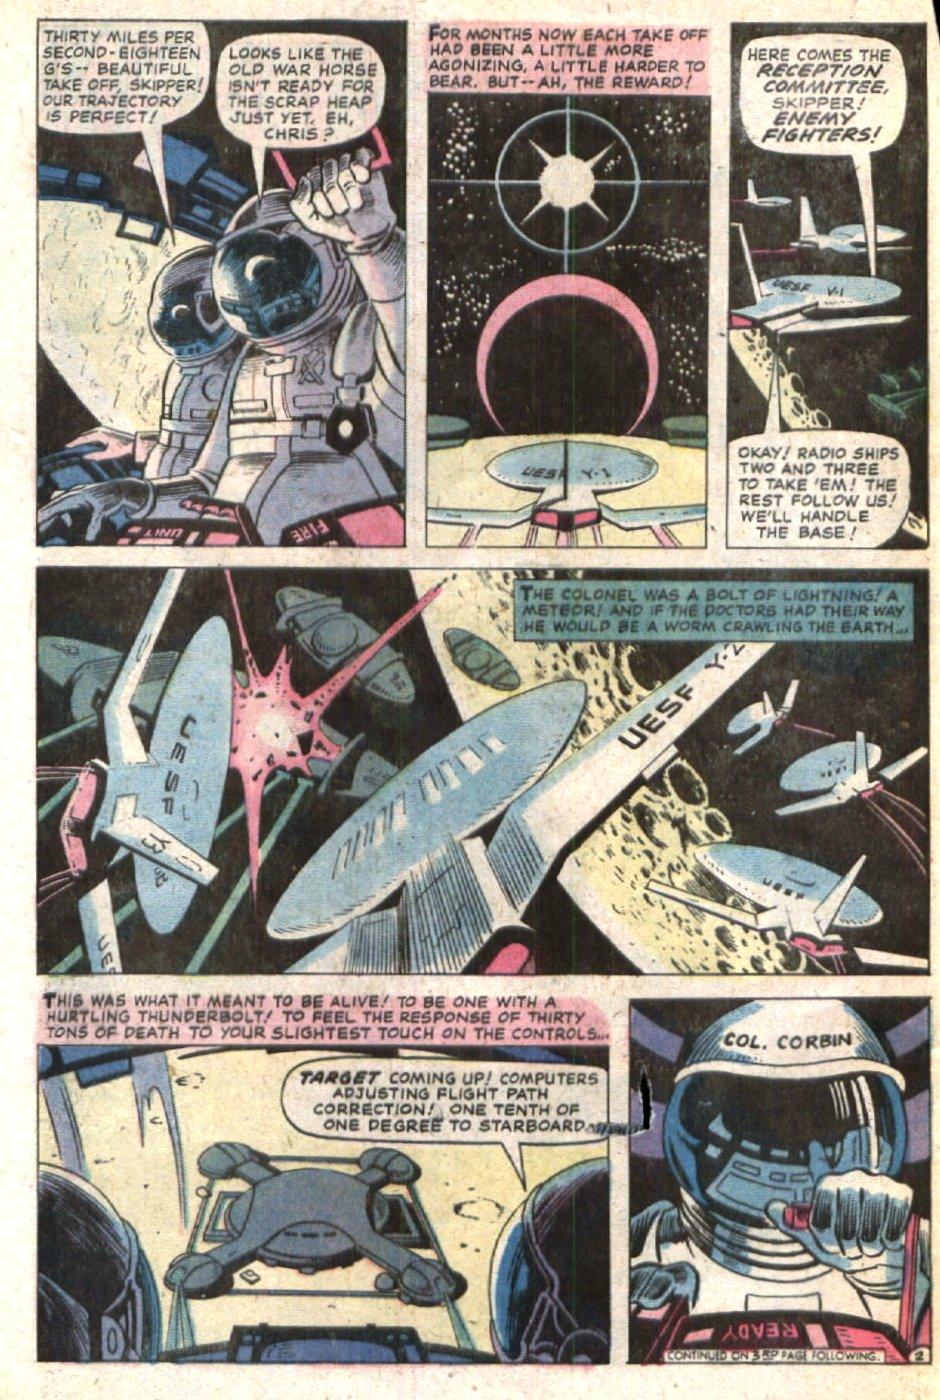 Weird War Tales (1971) #27 pg26.